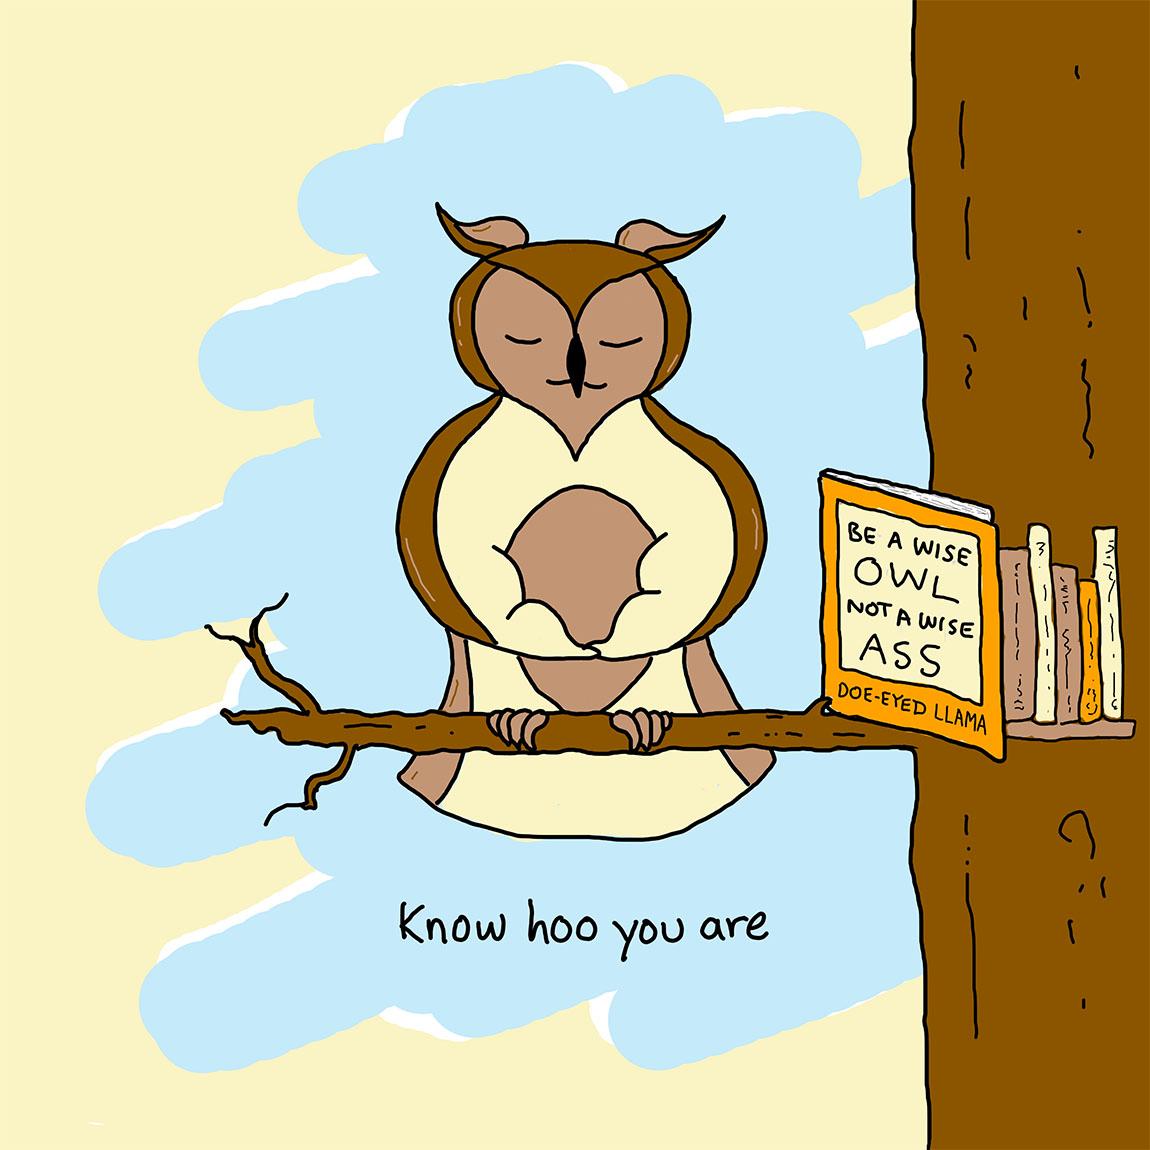 mooncube Artist, Cartoonist. Wise owl meditating.